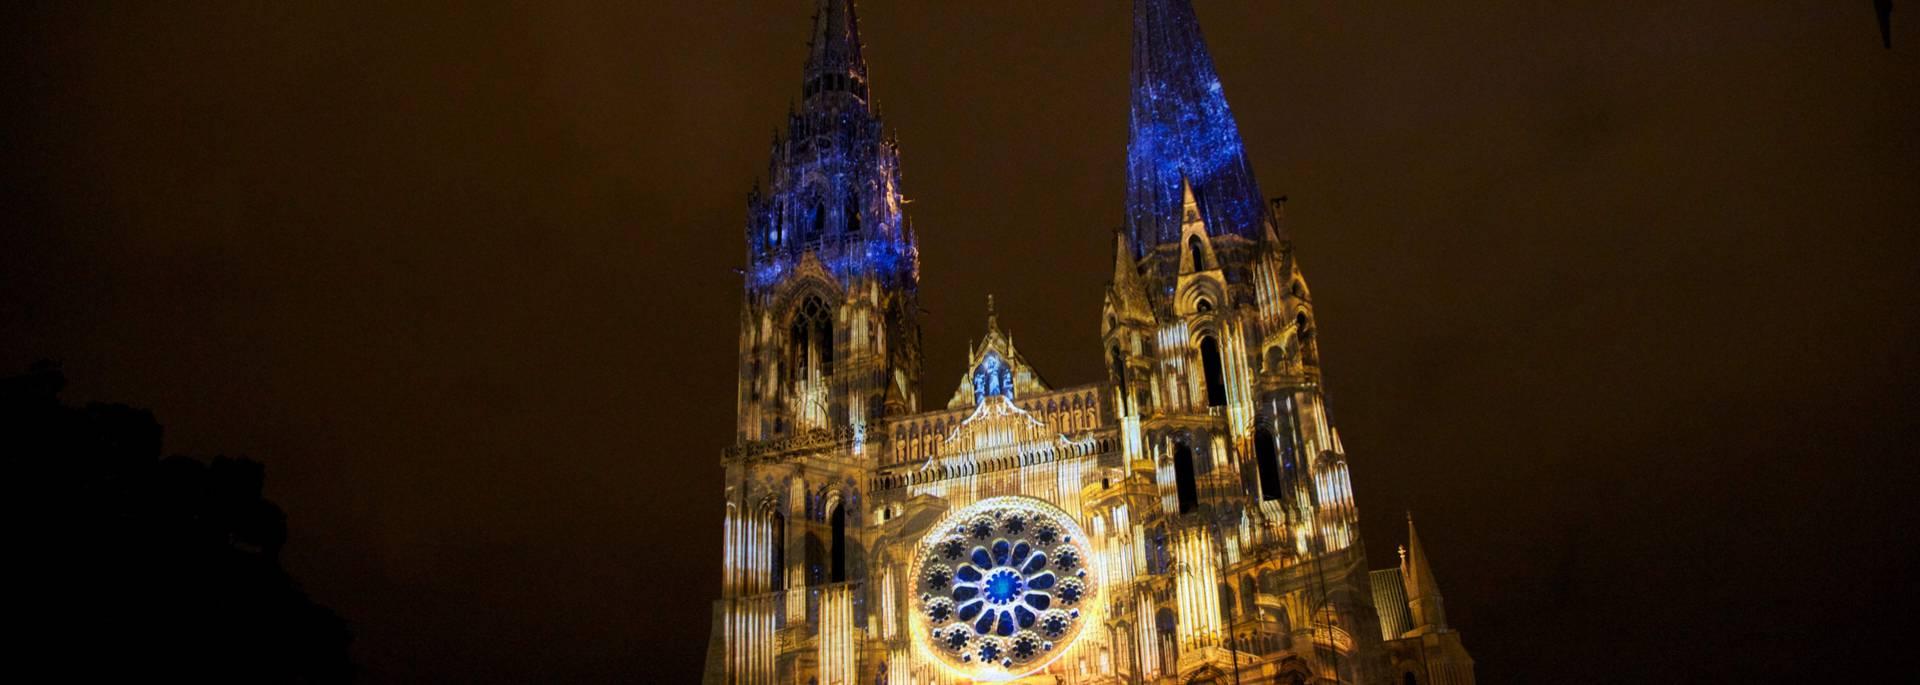 Scénographie du portail royal de la cathédrale de Chartres